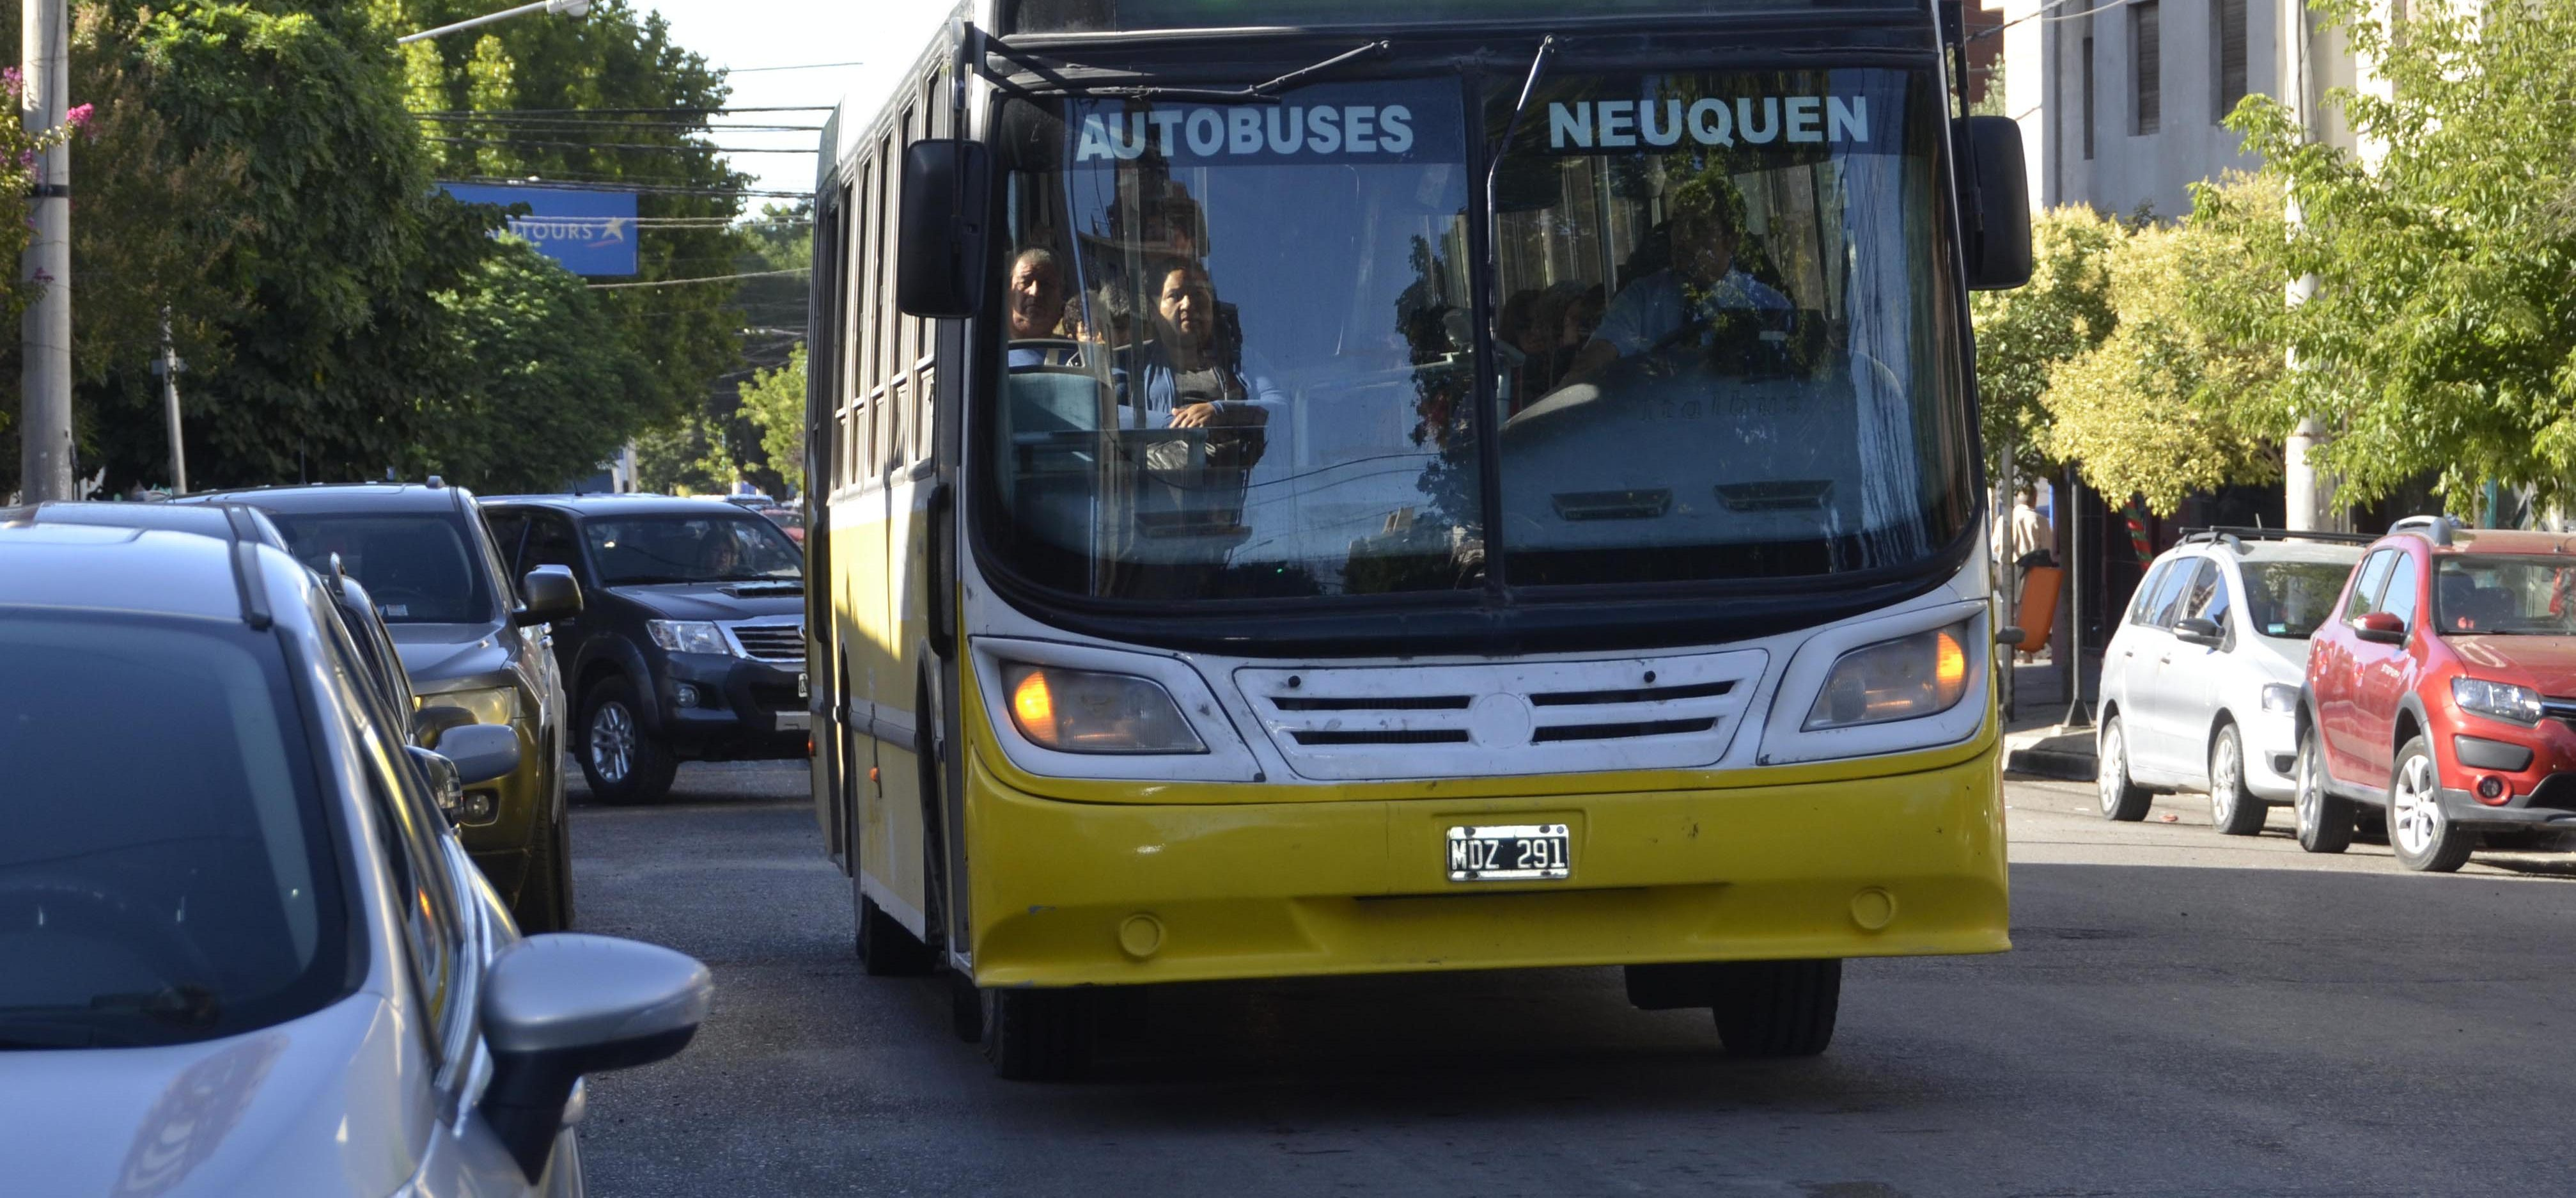 A partir de las 18, 4 ramales cambian su recorrido en Neuquén